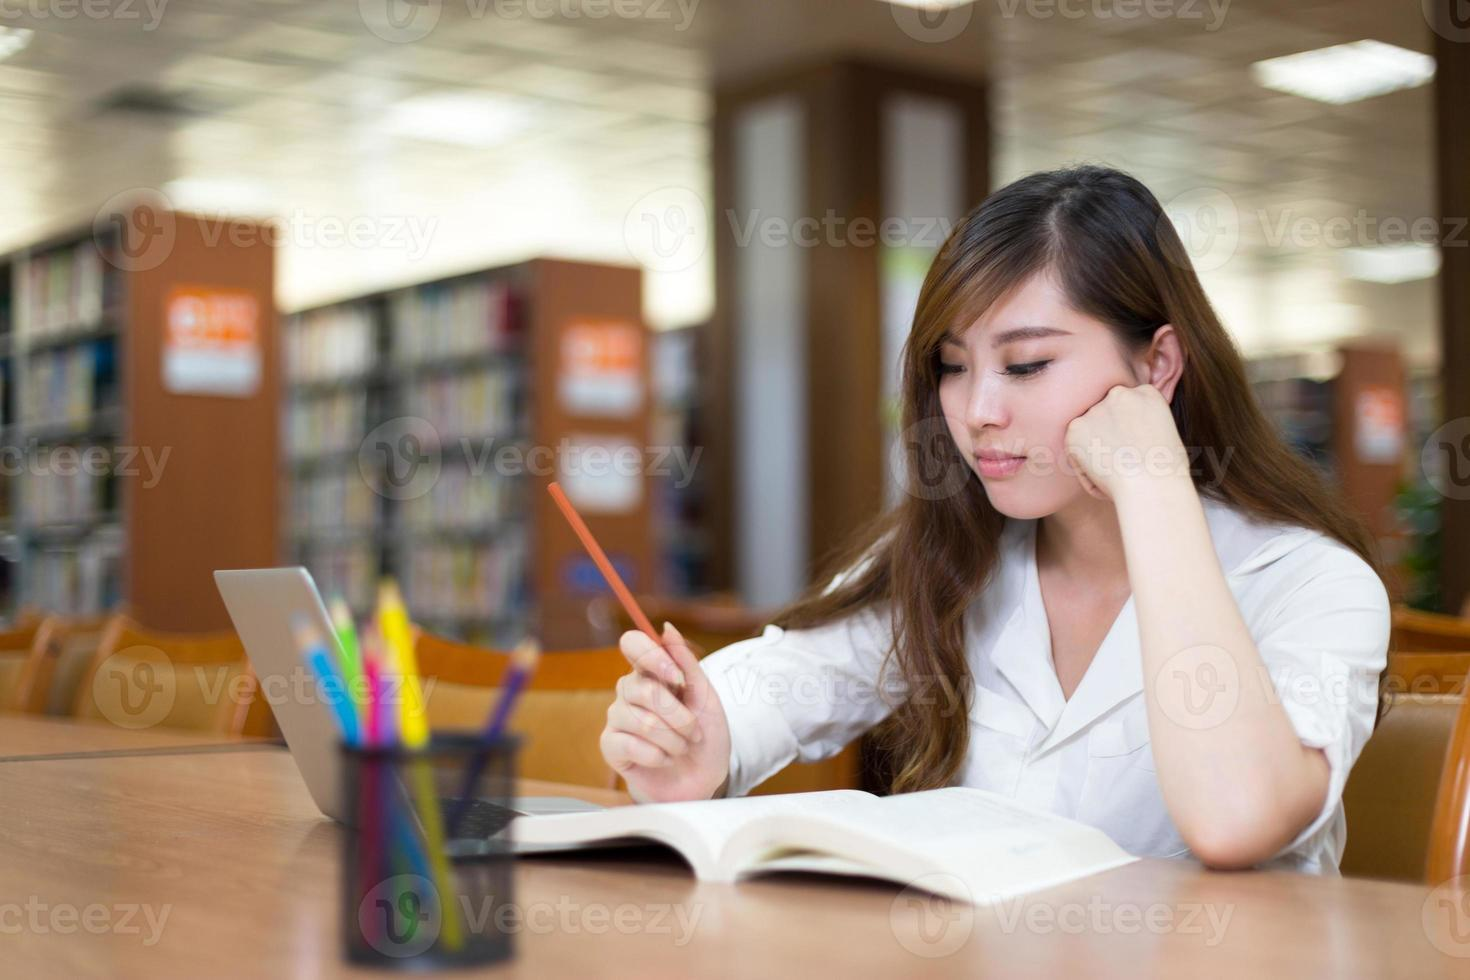 bella studentessa asiatica che utilizza computer portatile per lo studio nella biblioteca foto